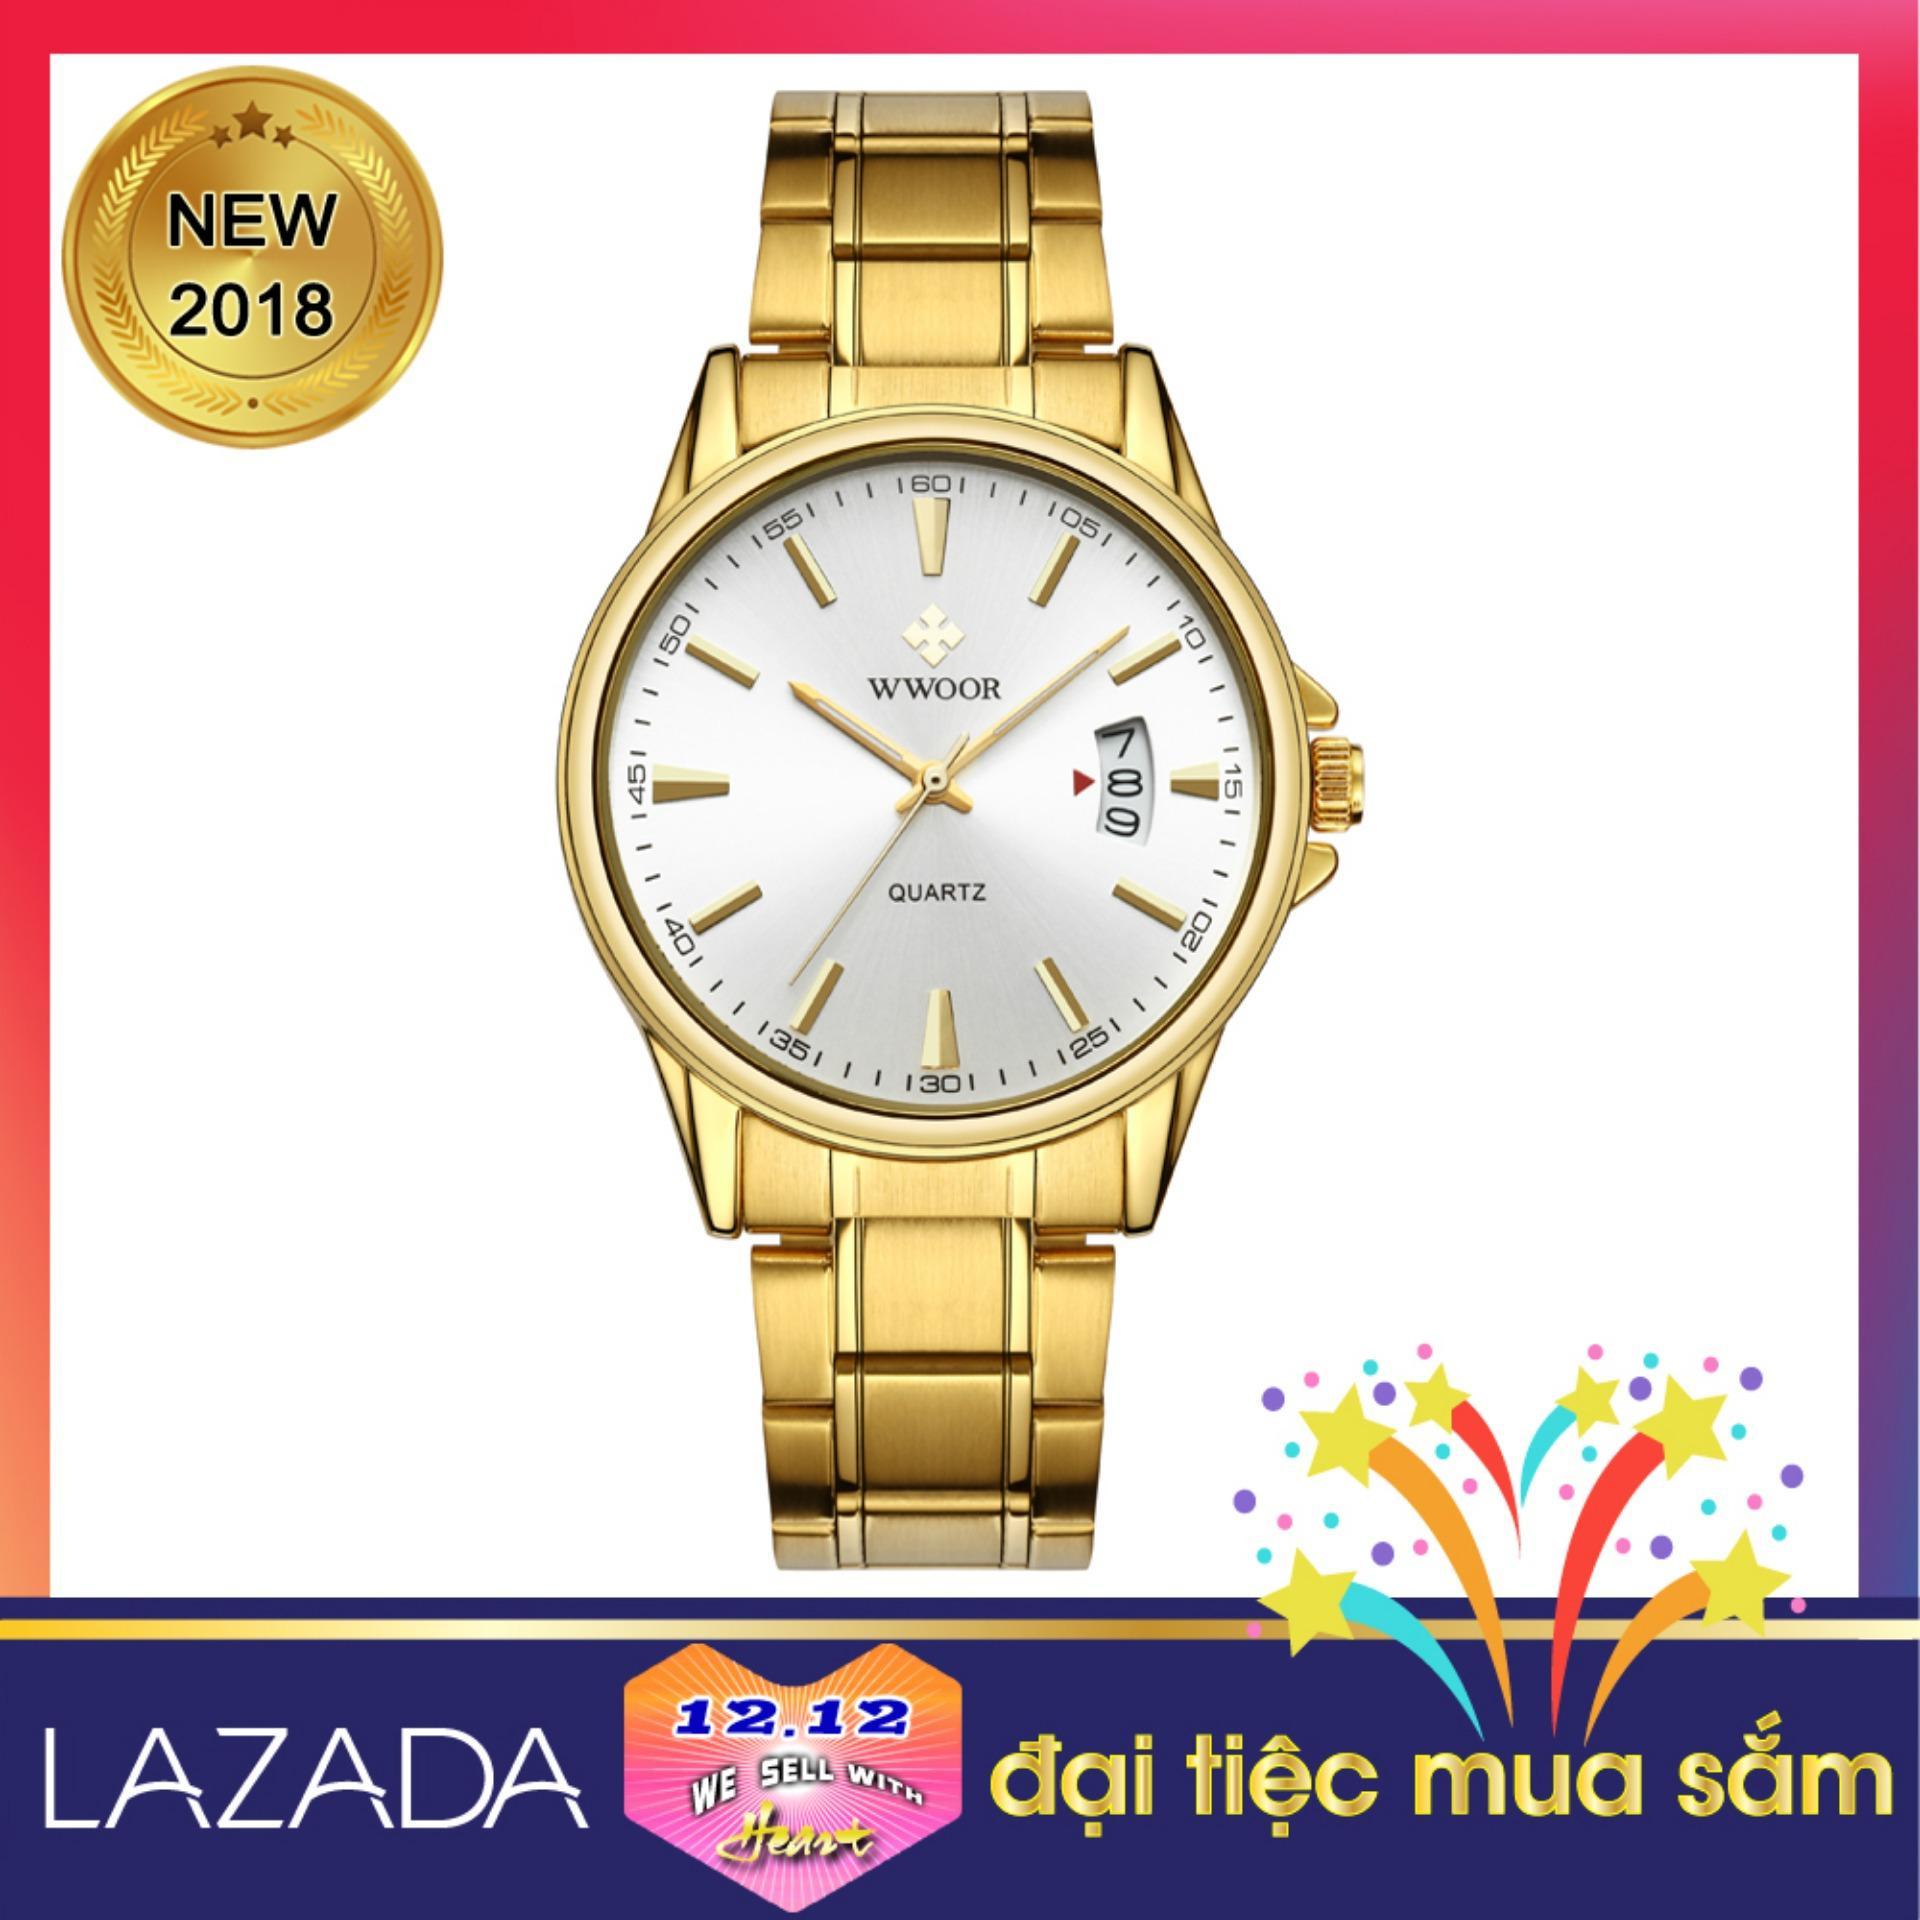 Nơi bán Đồng hồ đeo tay nam đẹp mẫu mới 2018 WWOOR 8833